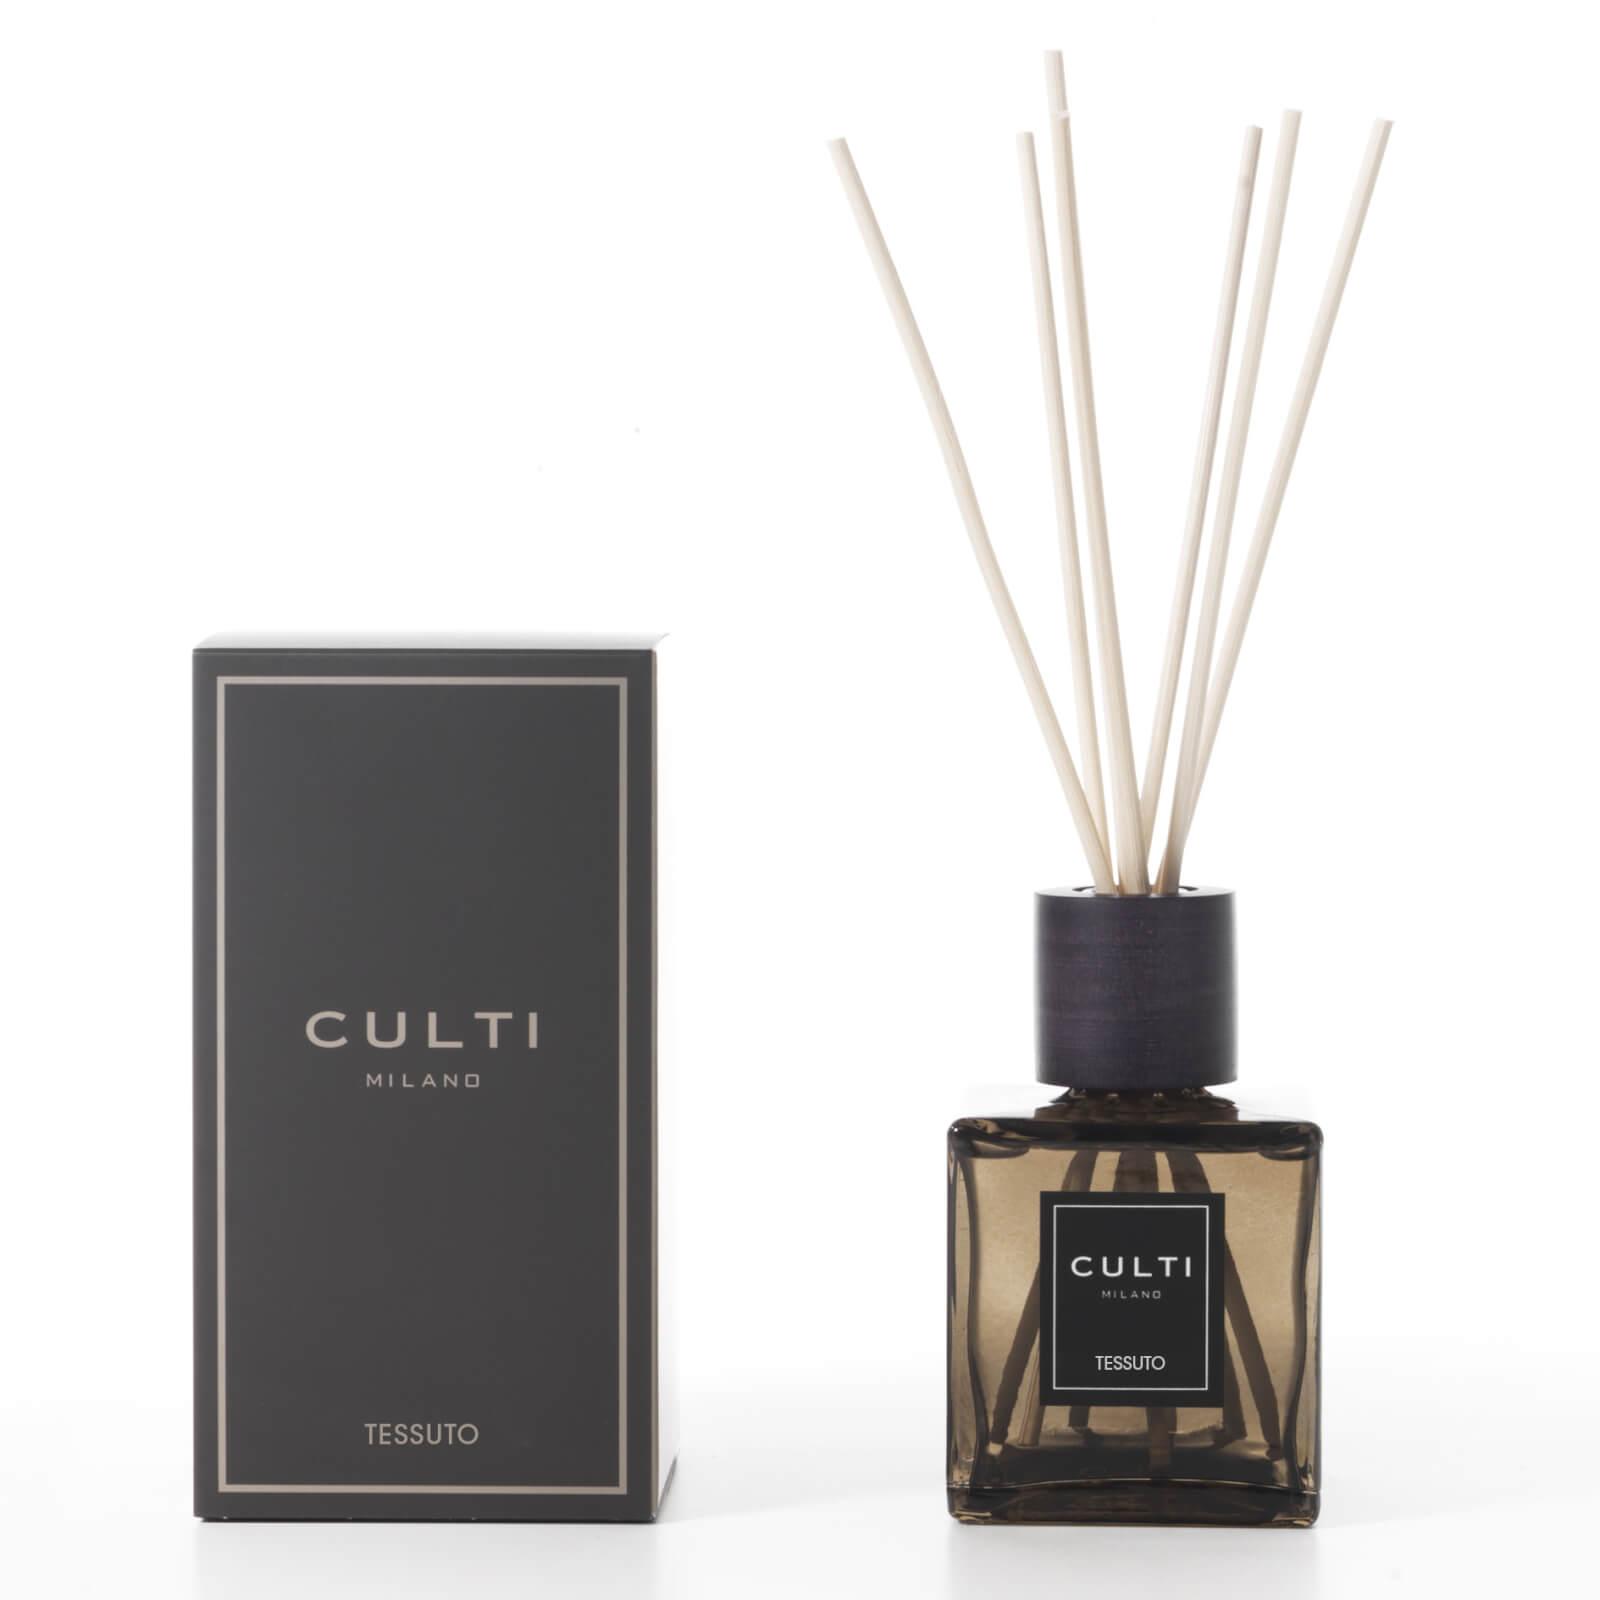 Culti Tessuto Decor Classic Reed Diffuser - 250ml